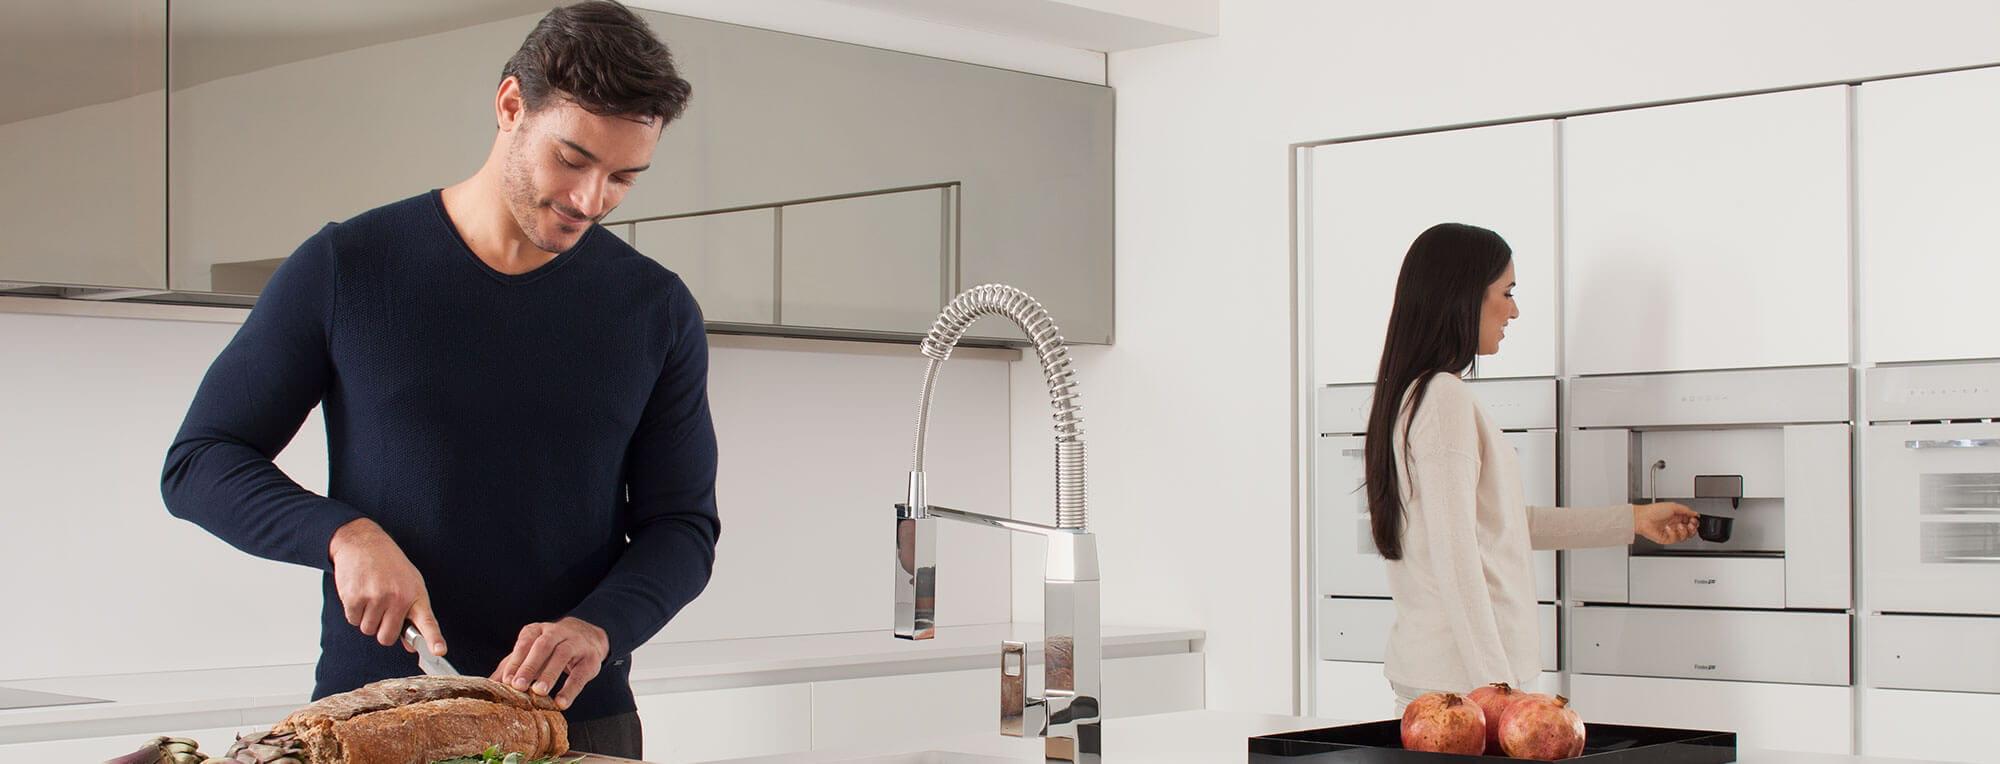 Robinet de cuisine Eurocube présenté dans une cuisine avec un homme et une femme l'utilisant.